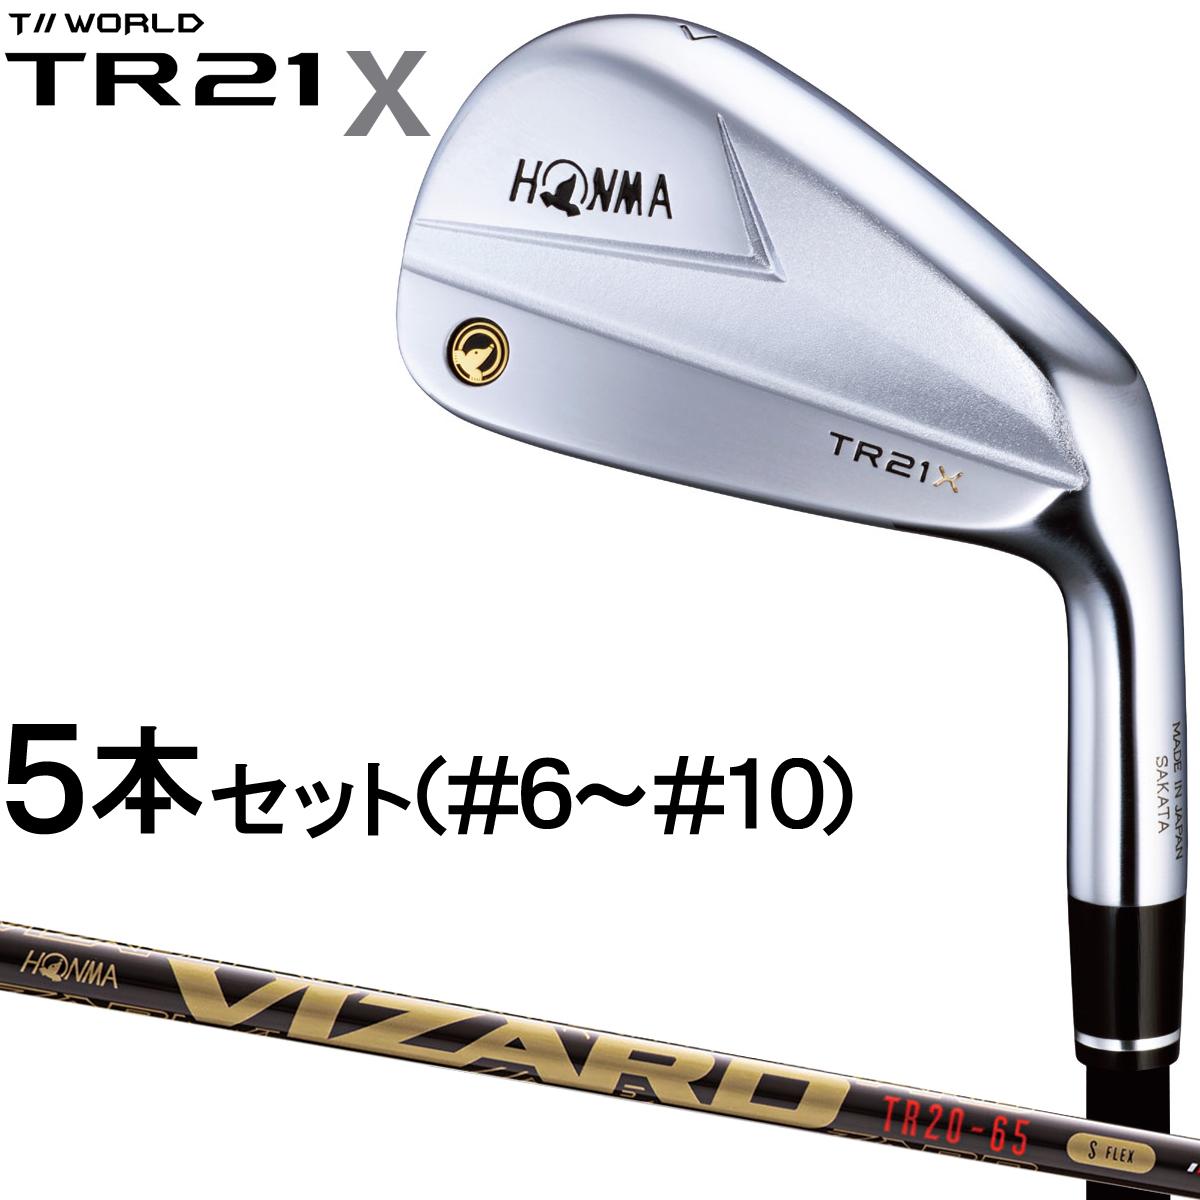 最高品質の HONMA TR20-65 GOLF(本間ゴルフ)日本正規品 T/ HONMA/WORLD(ツアーワールド) TR21 X アイアン 2020モデル VIZARD VIZARD TR20-65 カーボンシャフト 5本セット(#6~#10), 神奈川区:cdf35012 --- mail.analogbeats.com